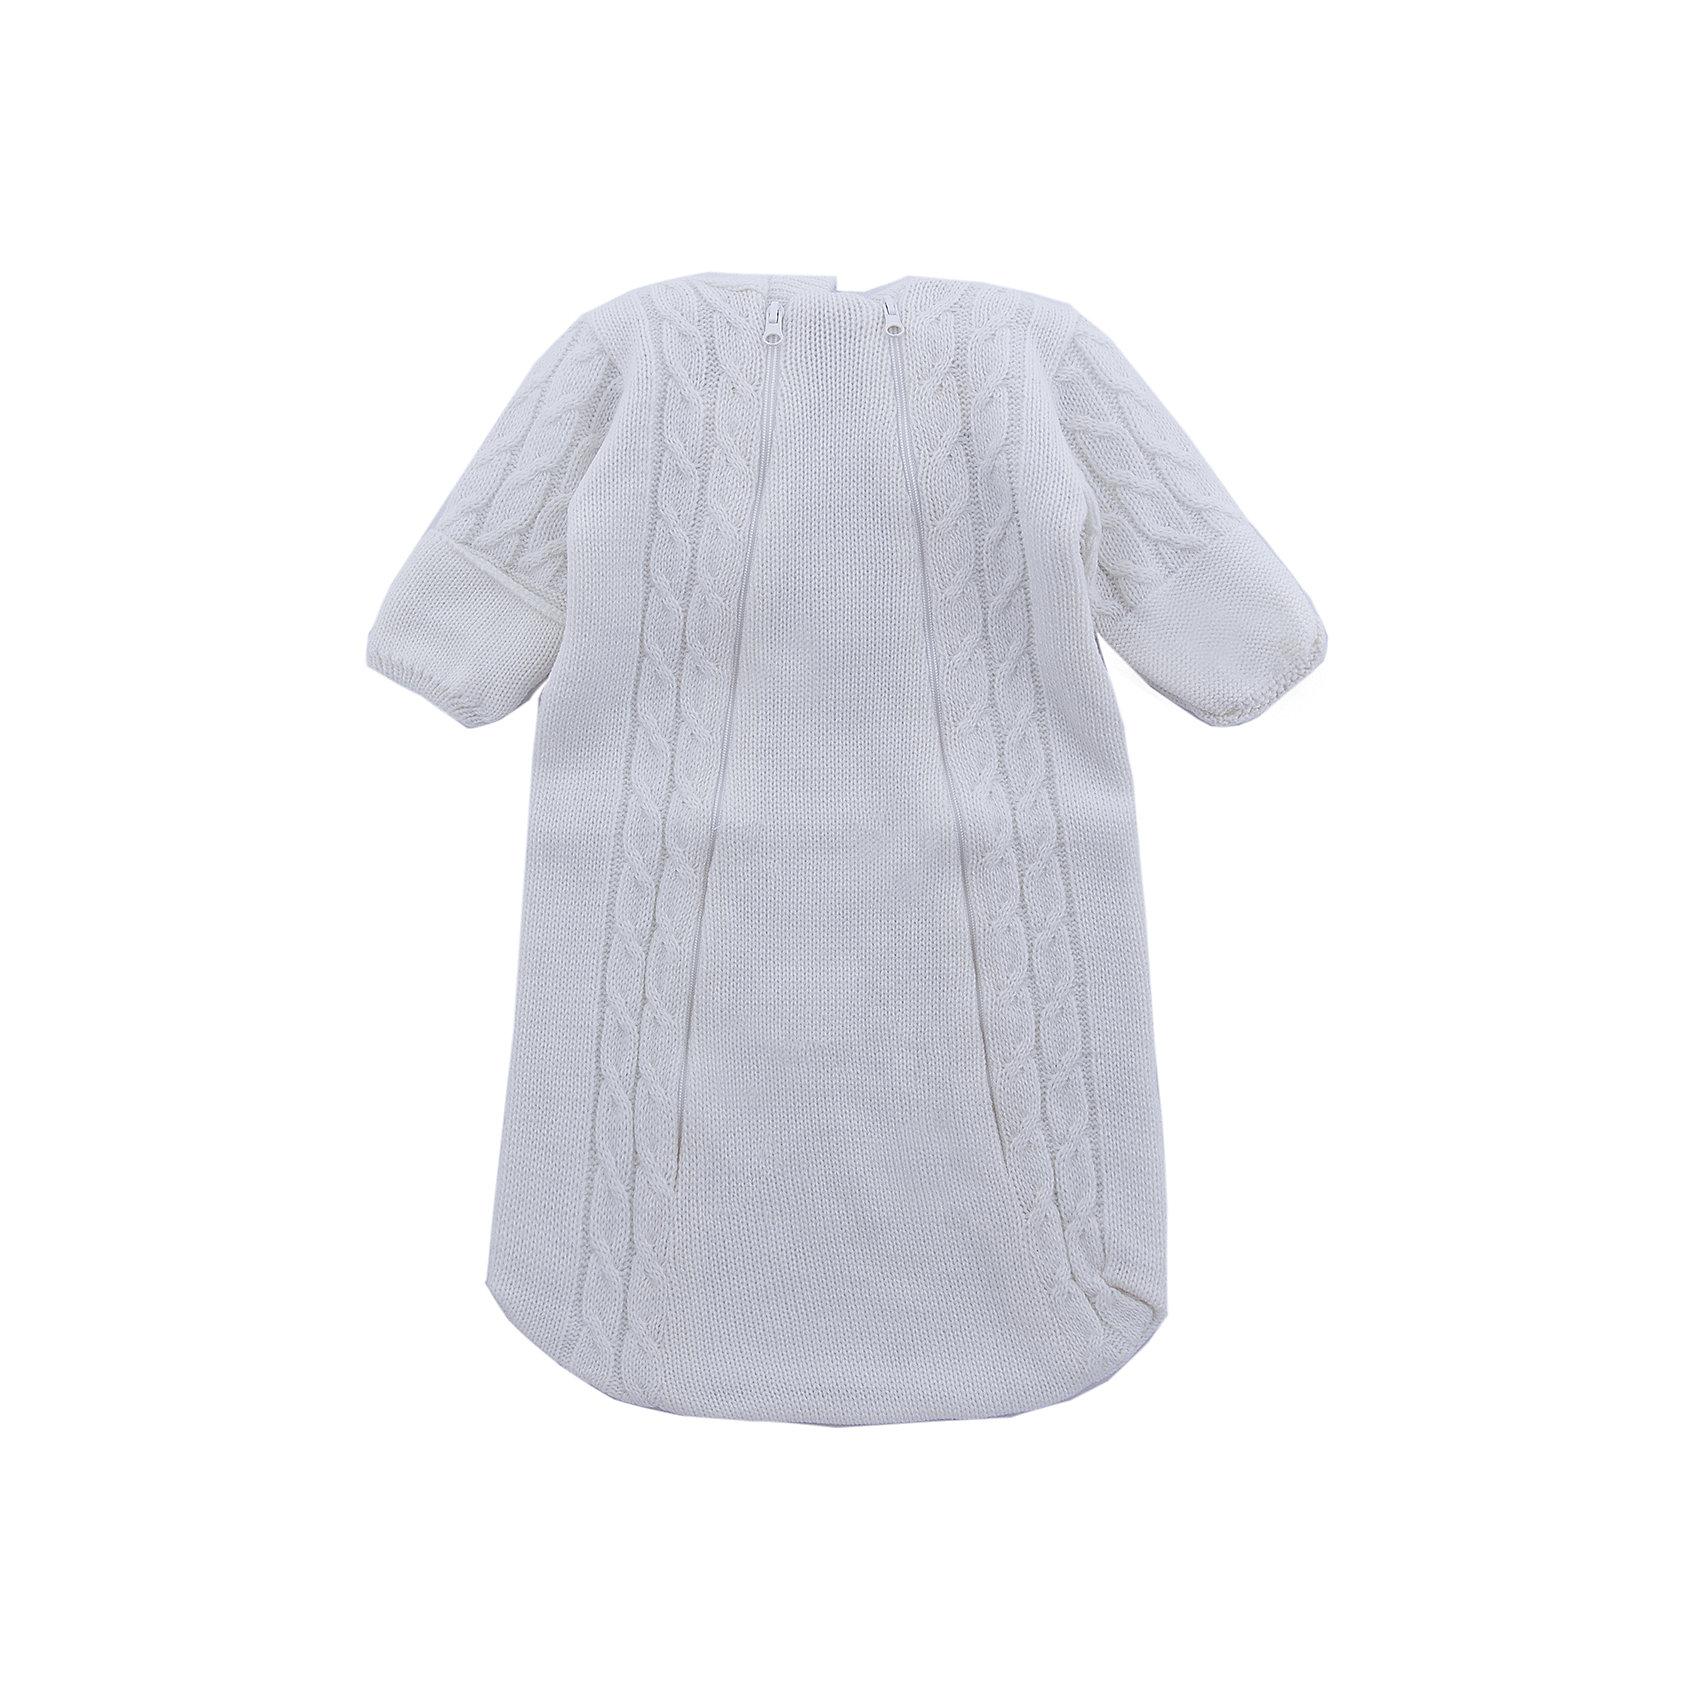 Комбинезон (конверт)  Косы Уси-ПусиКомбинезоны<br>Характеристики товара:<br><br>• цвет: молочный;<br>• ткань: вязаная;<br>• состав ткани: 50% шерсть, 50% пан, внутр. слой 100%хлопок;<br>• утеплитель: без утеплителя;<br>• вид застежки: на молнии;<br>• особенности модели: вязаная, с рисунком;<br>• сезон: демисезон;<br>• страна бренда: Россия;<br>• страна изготовитель: Россия.<br><br>Вязаный конветр для новородженных с подкладкой из 100% хлопка отлично подойдет для выписки из роддома.<br><br>Верхняя ткань выполнена из нитей шерсти и ПАНа. Его можно использовать круглый год: зимой под зимний конветр, а летом при прохладной погоде. Наличие двух молний на конверте позволяют быстро одеть ребенка на прогулку или переодеть малыша при необходимости. <br><br>Вязаный конветр «Косы» Уси-Пуси можно купить в нашем интернет-магазине.<br><br>Ширина мм: 157<br>Глубина мм: 13<br>Высота мм: 119<br>Вес г: 200<br>Цвет: белый<br>Возраст от месяцев: 3<br>Возраст до месяцев: 6<br>Пол: Унисекс<br>Возраст: Детский<br>Размер: 62/68,50/56,56/62<br>SKU: 7029636